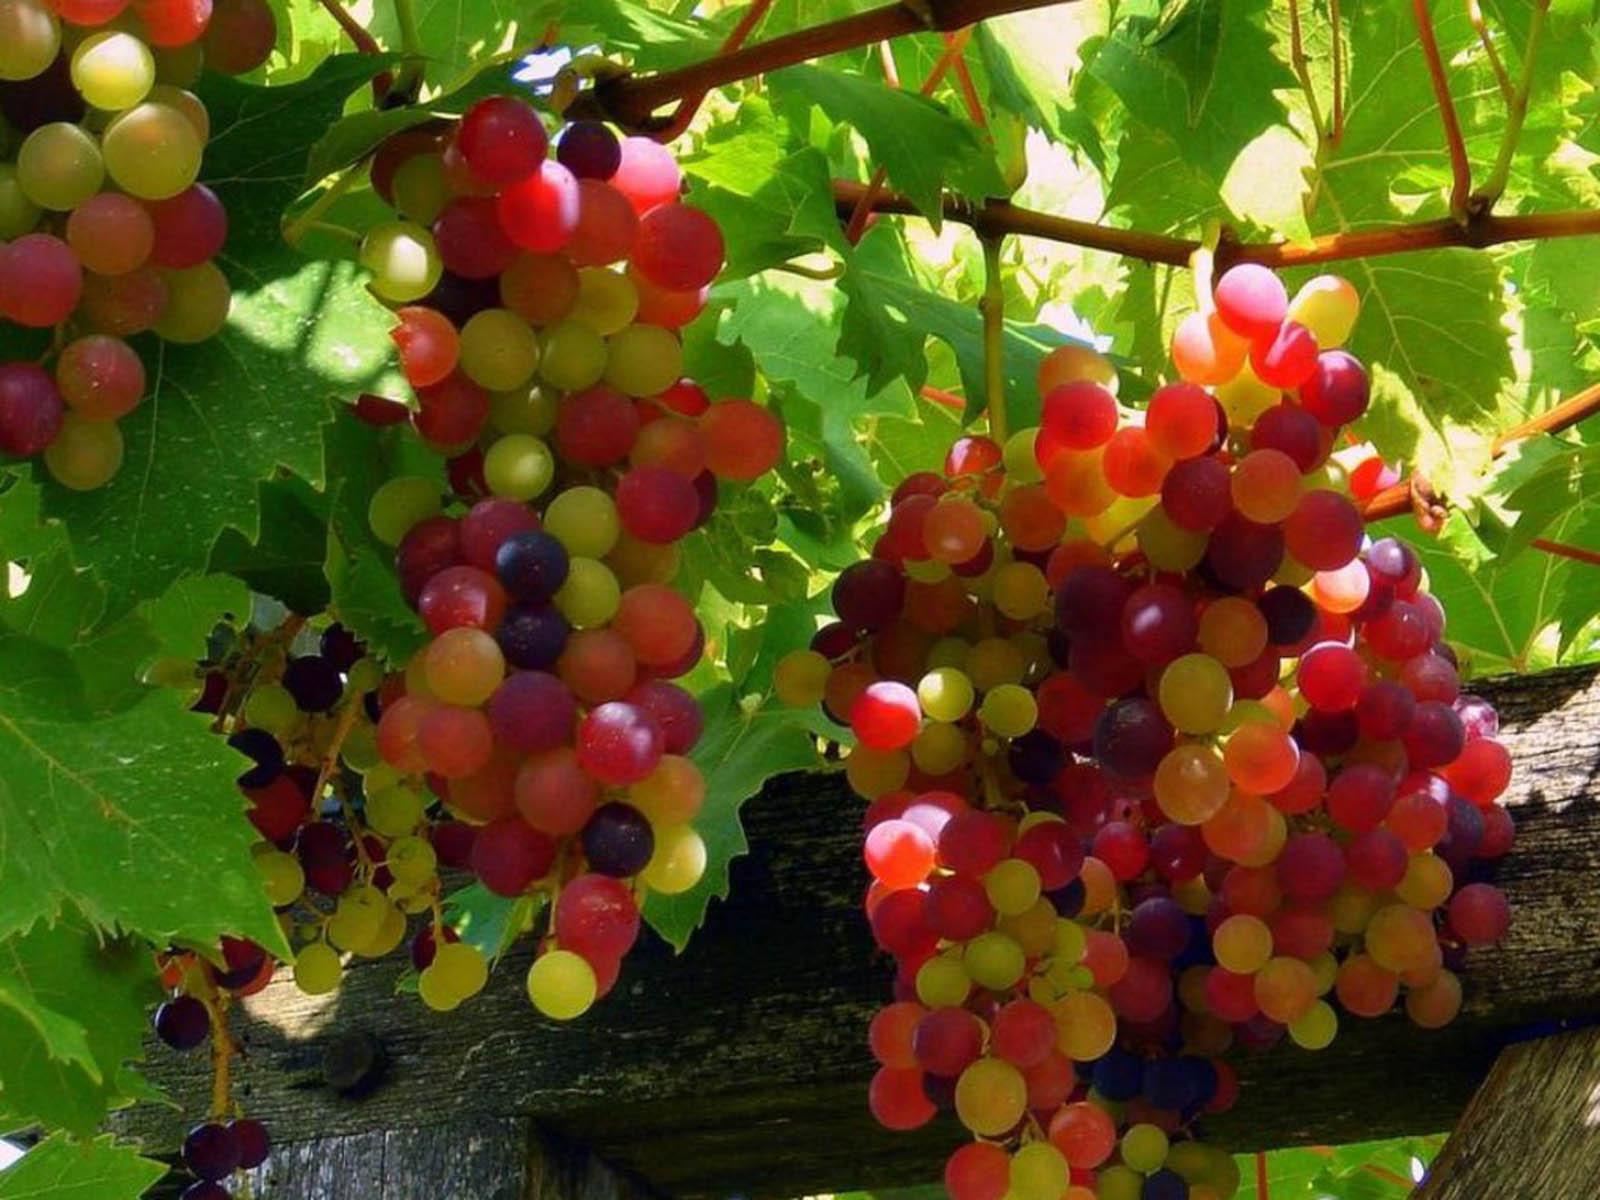 Vynuogių sodinimas, auginimas, dauginimas ir genėjimas